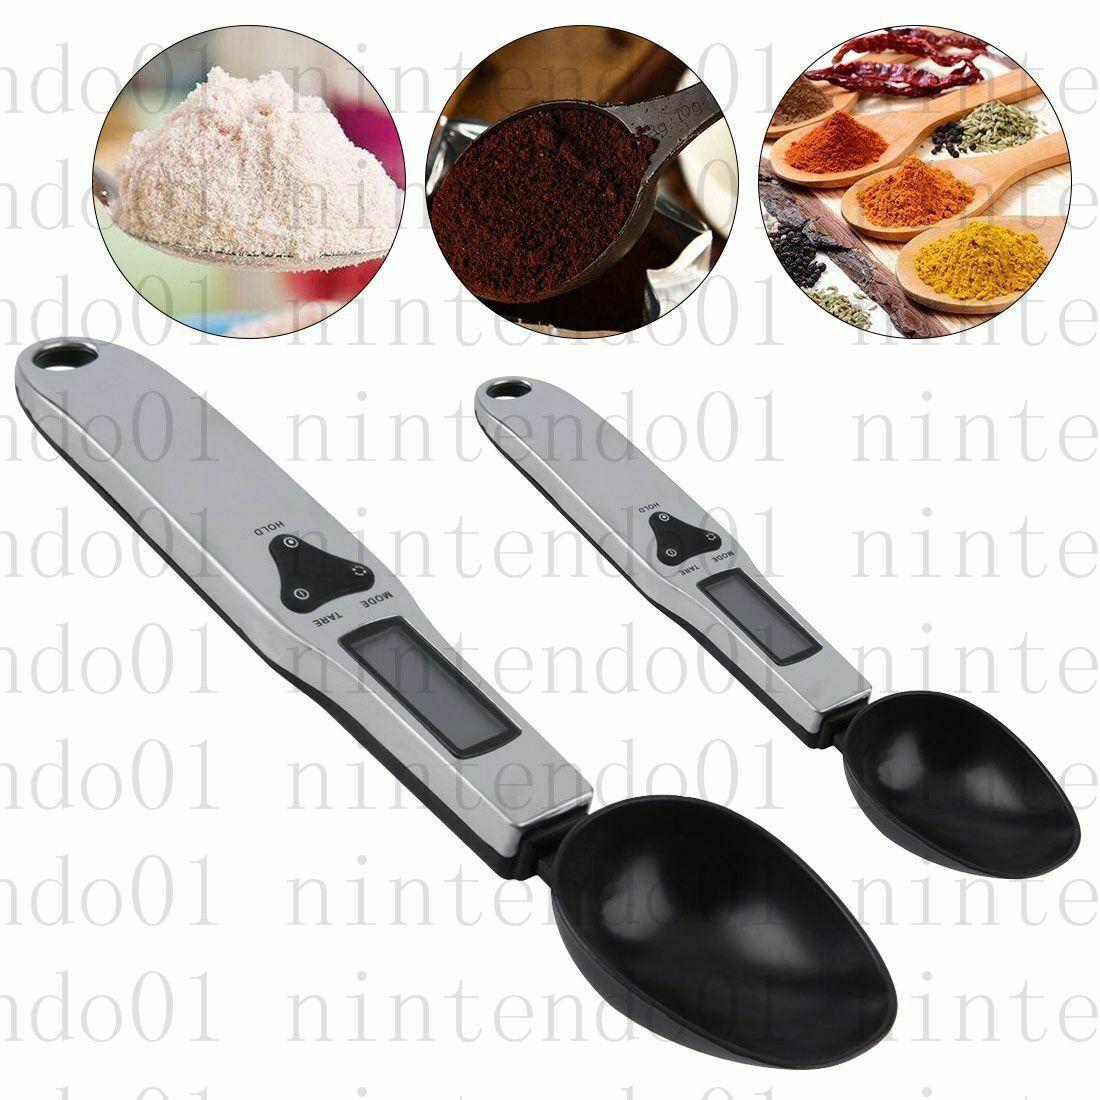 جديد popular300g / 0.1 جرام 500 جرام / 0.1 جرام المطبخ المنزلية الالكترونية ملعقة وزنها مقياس المحمولة led الإلكترونية قياس قياس ملعقة